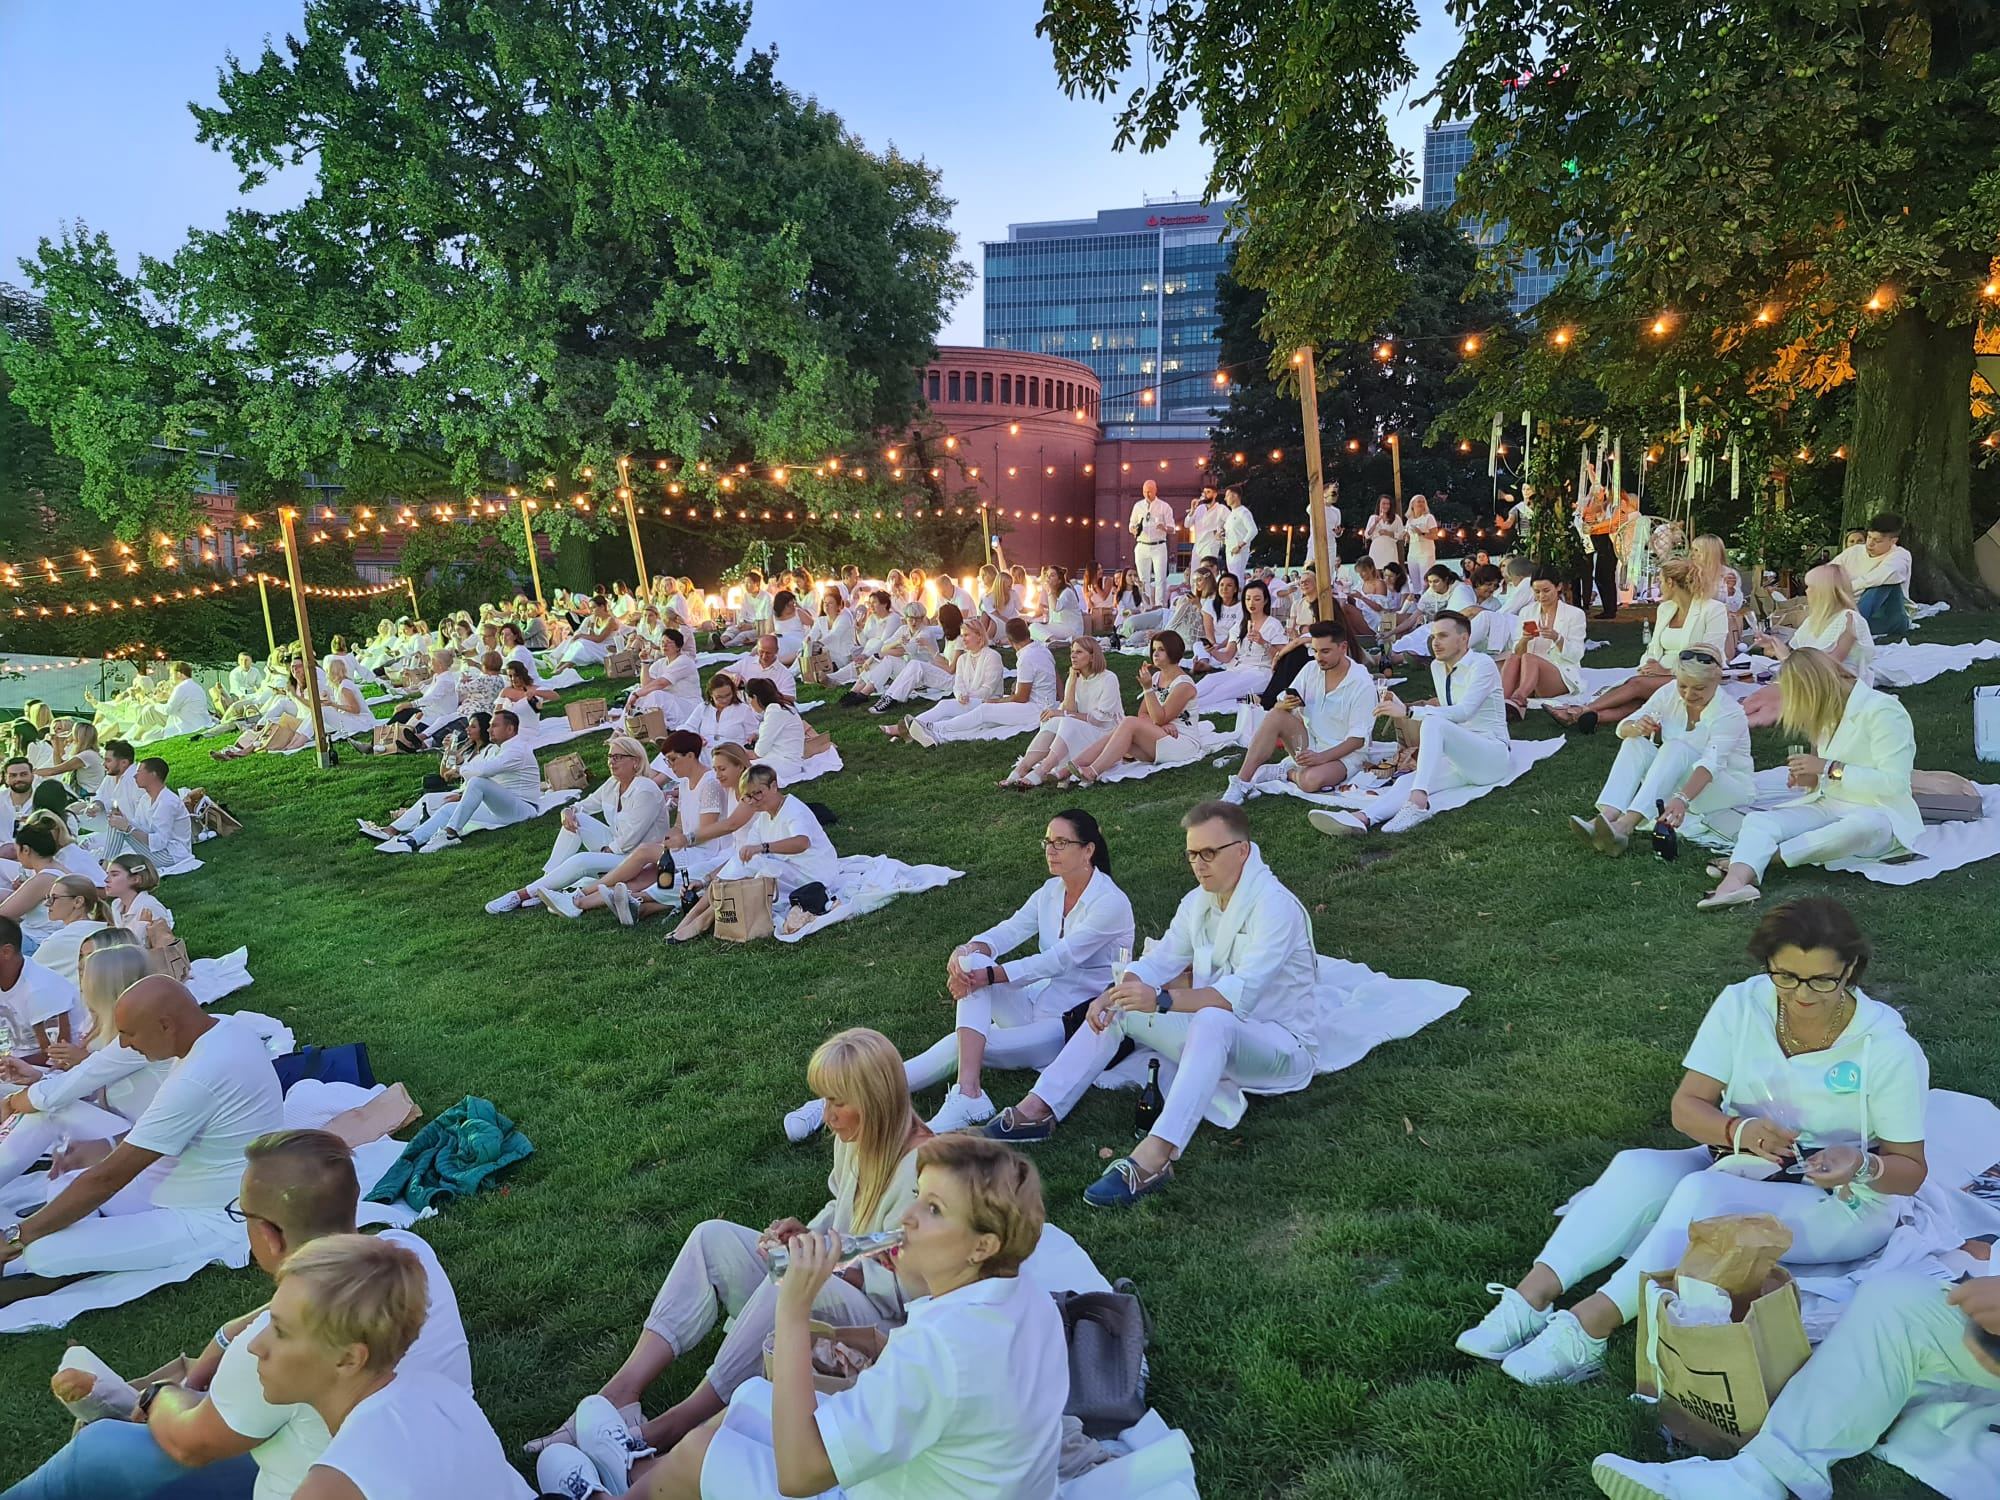 Cali na biało czyli największe wydarzenie modowe w roku!